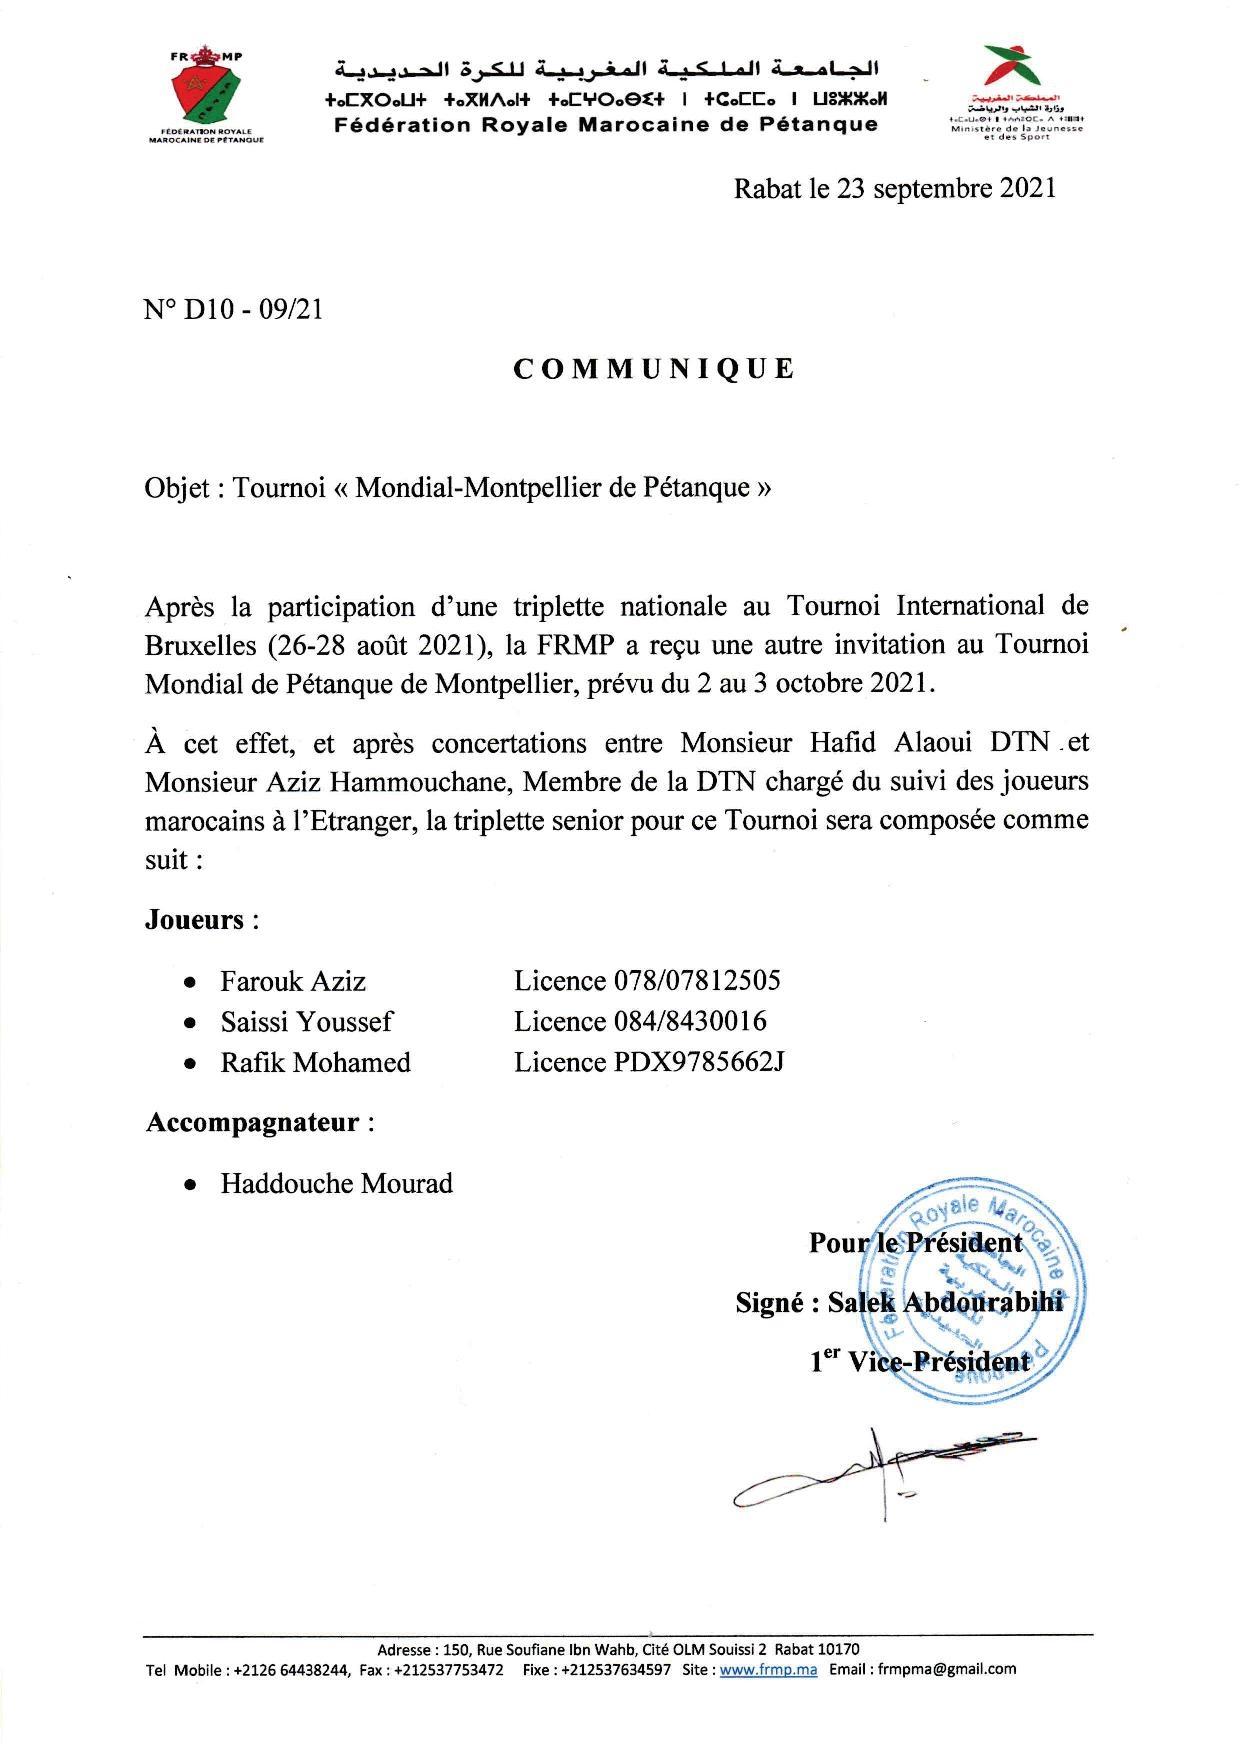 ICommunique: Participation au Mondial- Montpellier de Pétanque le 02 et 03/10/2021